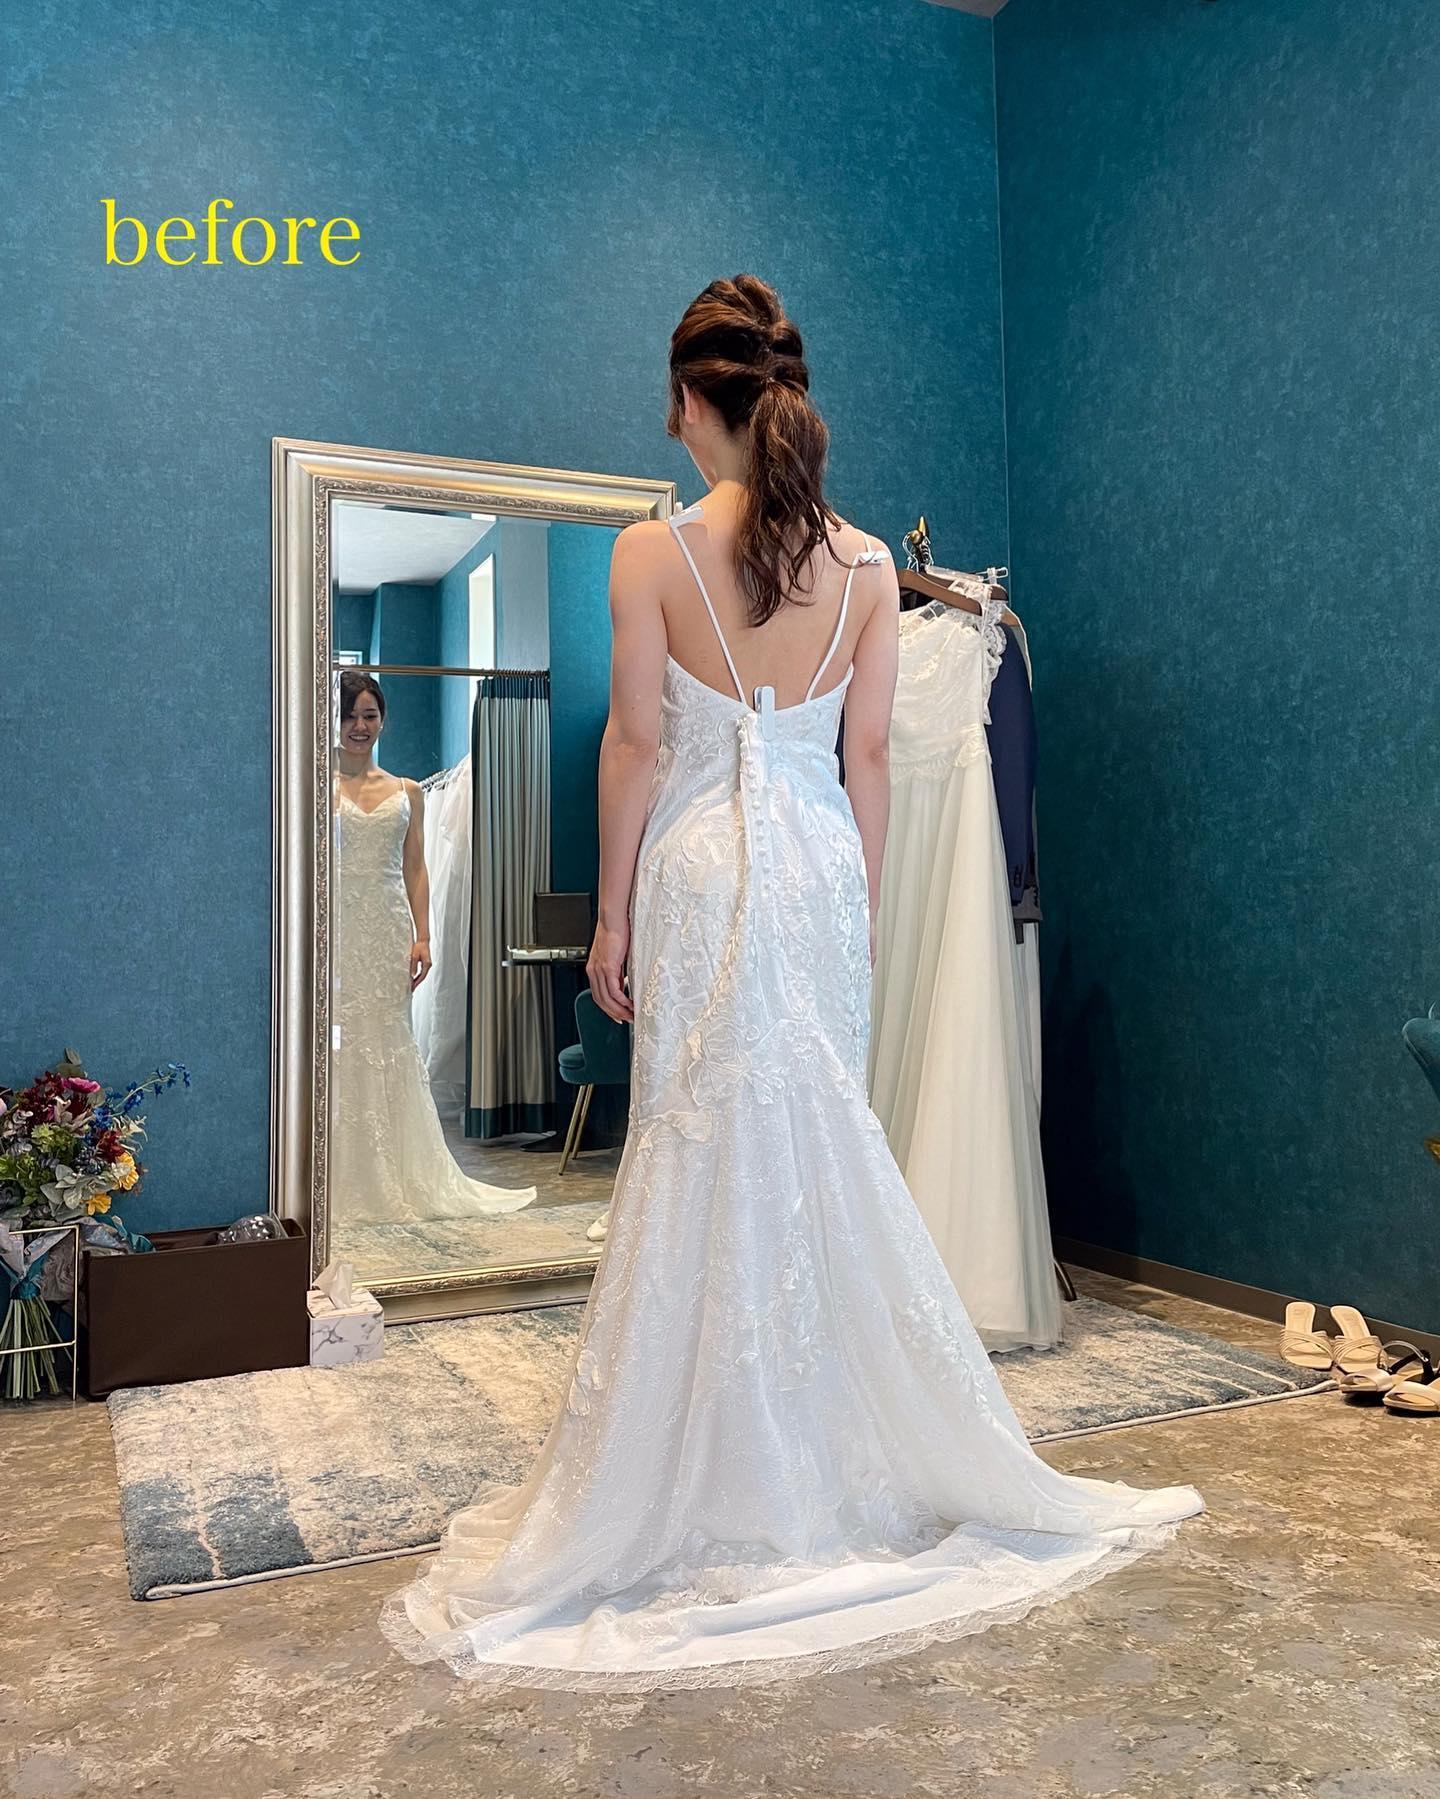 ・今日は先日のyogaイベントのご紹介🧘♀️@myk_bridalyoga さまとコラボさせていただきました・まずはdressを選んでいただき選んだドレスに合わせてyogaのレッスンをしていきます・選ぶdressによって、このドレスなら鎖骨を綺麗に見せたい…このドレスなら背中を美しく見せたい…など、dressの特徴によって最大限に美しく魅せたいpointってありますよね・いつもは笑顔がとってもcuteなmayuka先生もlessonの時は真剣な表情️・反り腰が気になるとおっしゃっていたご新婦さまも、レッスン後には助骨が閉まりさらに美しい姿勢でdressを着こなして下さいました・姿勢って本当に奥が深いですね…mayuka先生の生徒様達からは「姿勢が良くなると似合うドレスの幅が広がり試着が楽しい❣️」というお言葉をよく伺います🥺・また定期開催を予定してますので今回ご都合が合わなかった方もぜひまたご応募お待ちしております・続きのreportはまた改めて🤍@myk_bridalyoga ありがとうございました🧘♀️・#wedding #weddingdress #claras #paris #vowrenewal #aoyama #yoga#ウェディングドレス #プレ花嫁 #ドレス試着 #2021夏婚 #2021冬婚 #ヘアメイク #結婚式  #ドレス選び #前撮り #後撮り #フォトウェディング #ウェディングヘア  #フォト婚 #前撮り写真 #ブライダルフォト #カップルフォト #ウェディングドレス探し #ウェディングドレス試着 #レンタルドレス #ドレスショップ#ドレス迷子 #ヨガ #ブライダルヨガ